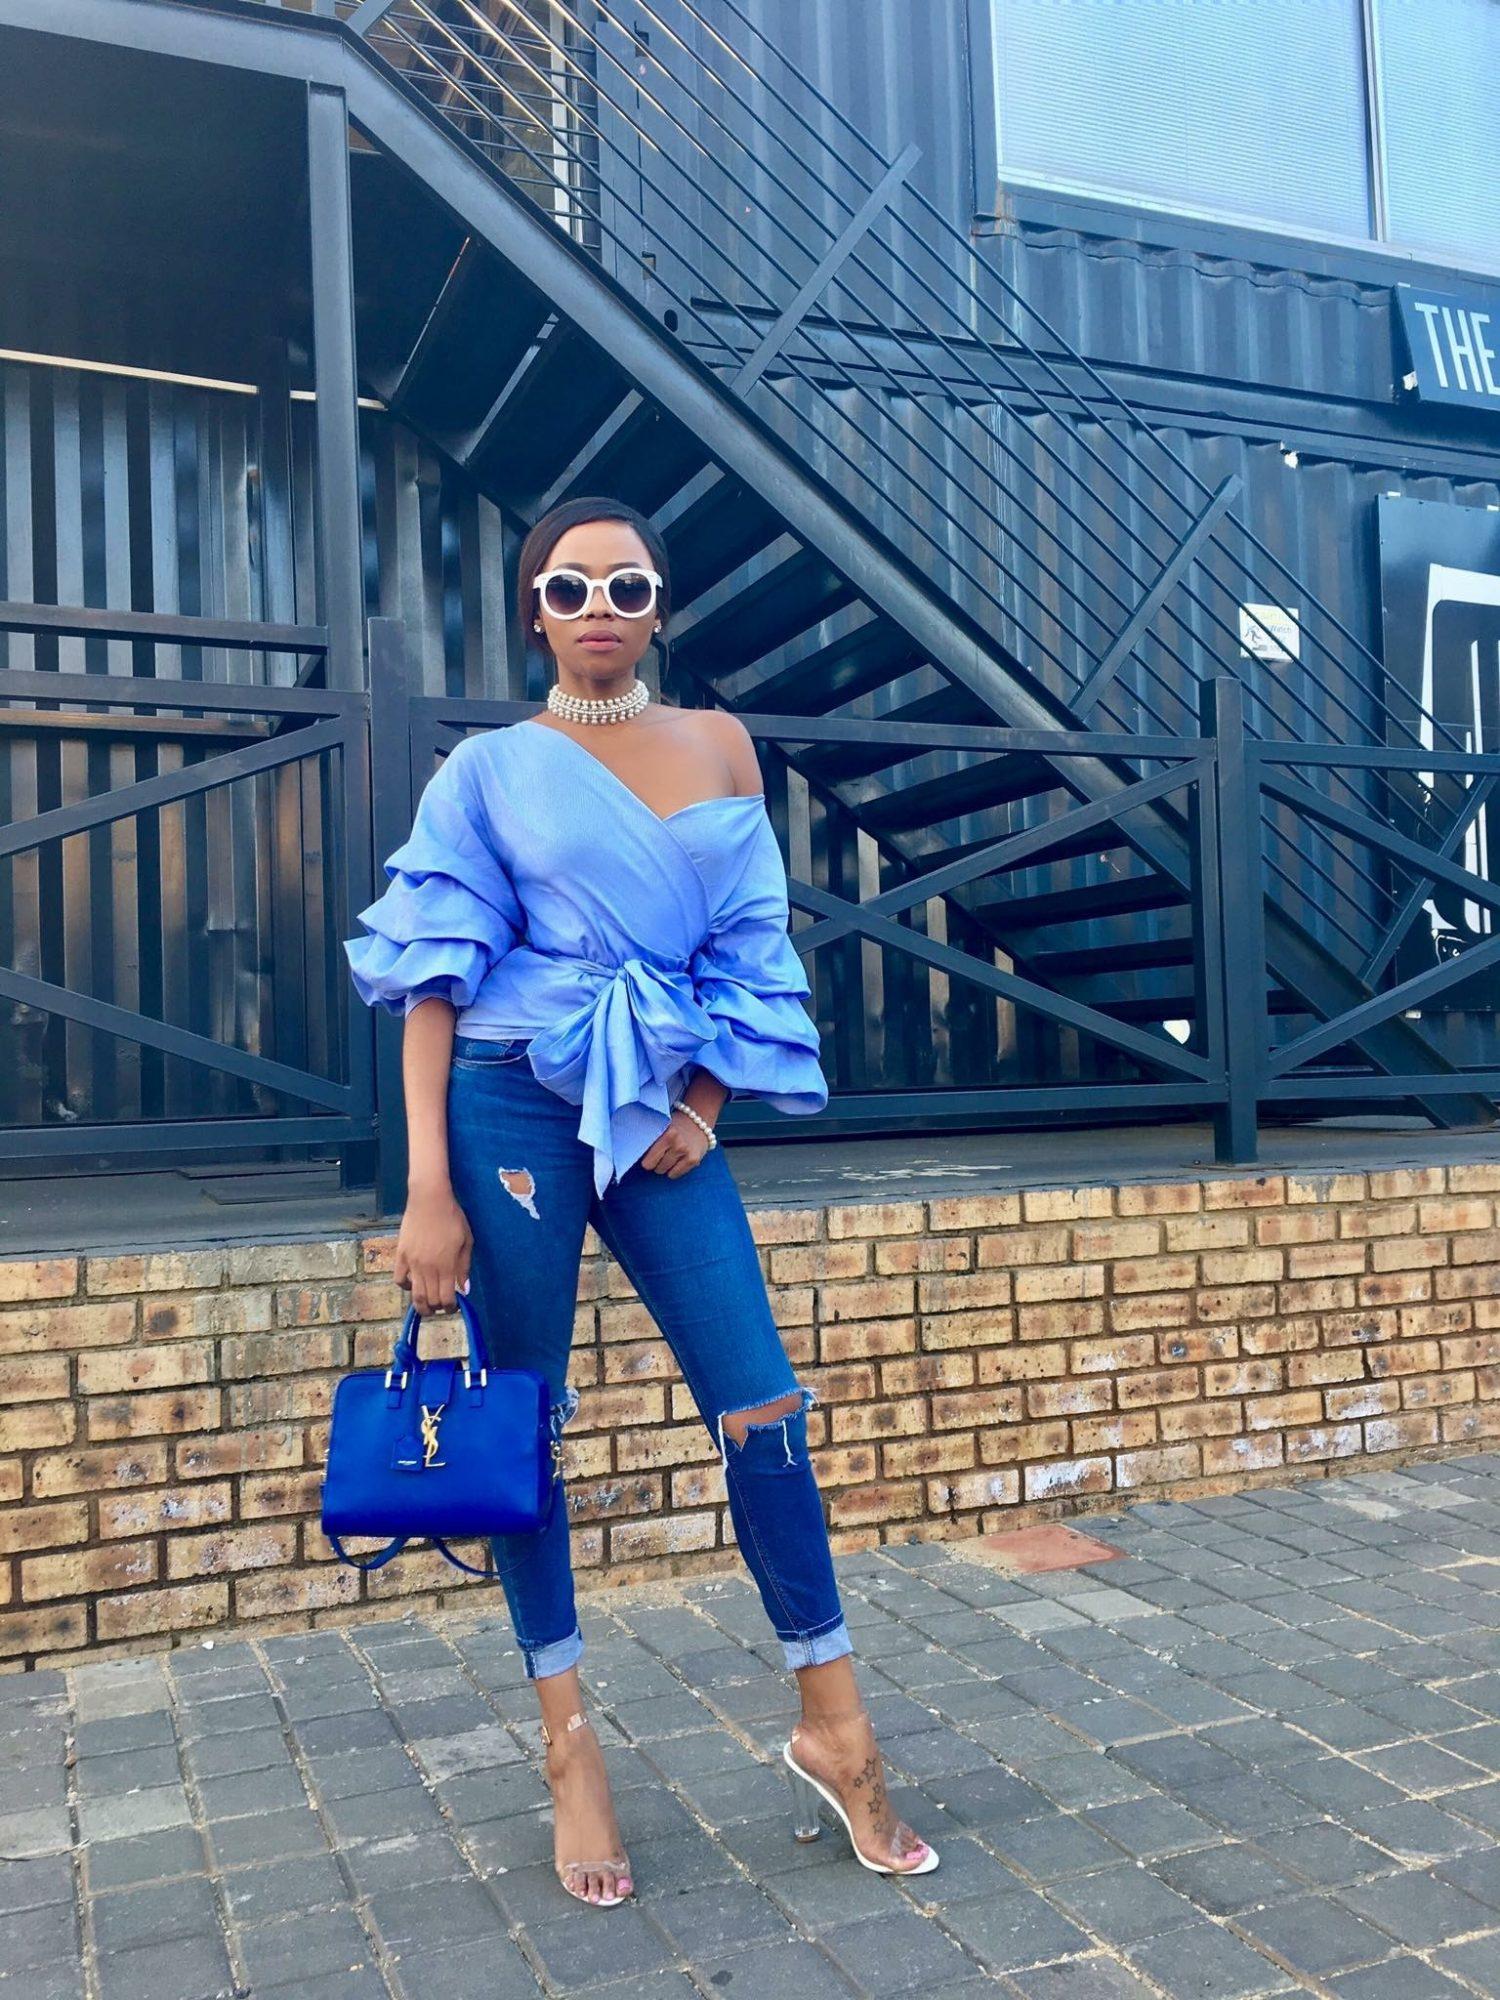 6 SLEEK MUST-HAVES INSPIRED BY BONANG MATHEBA